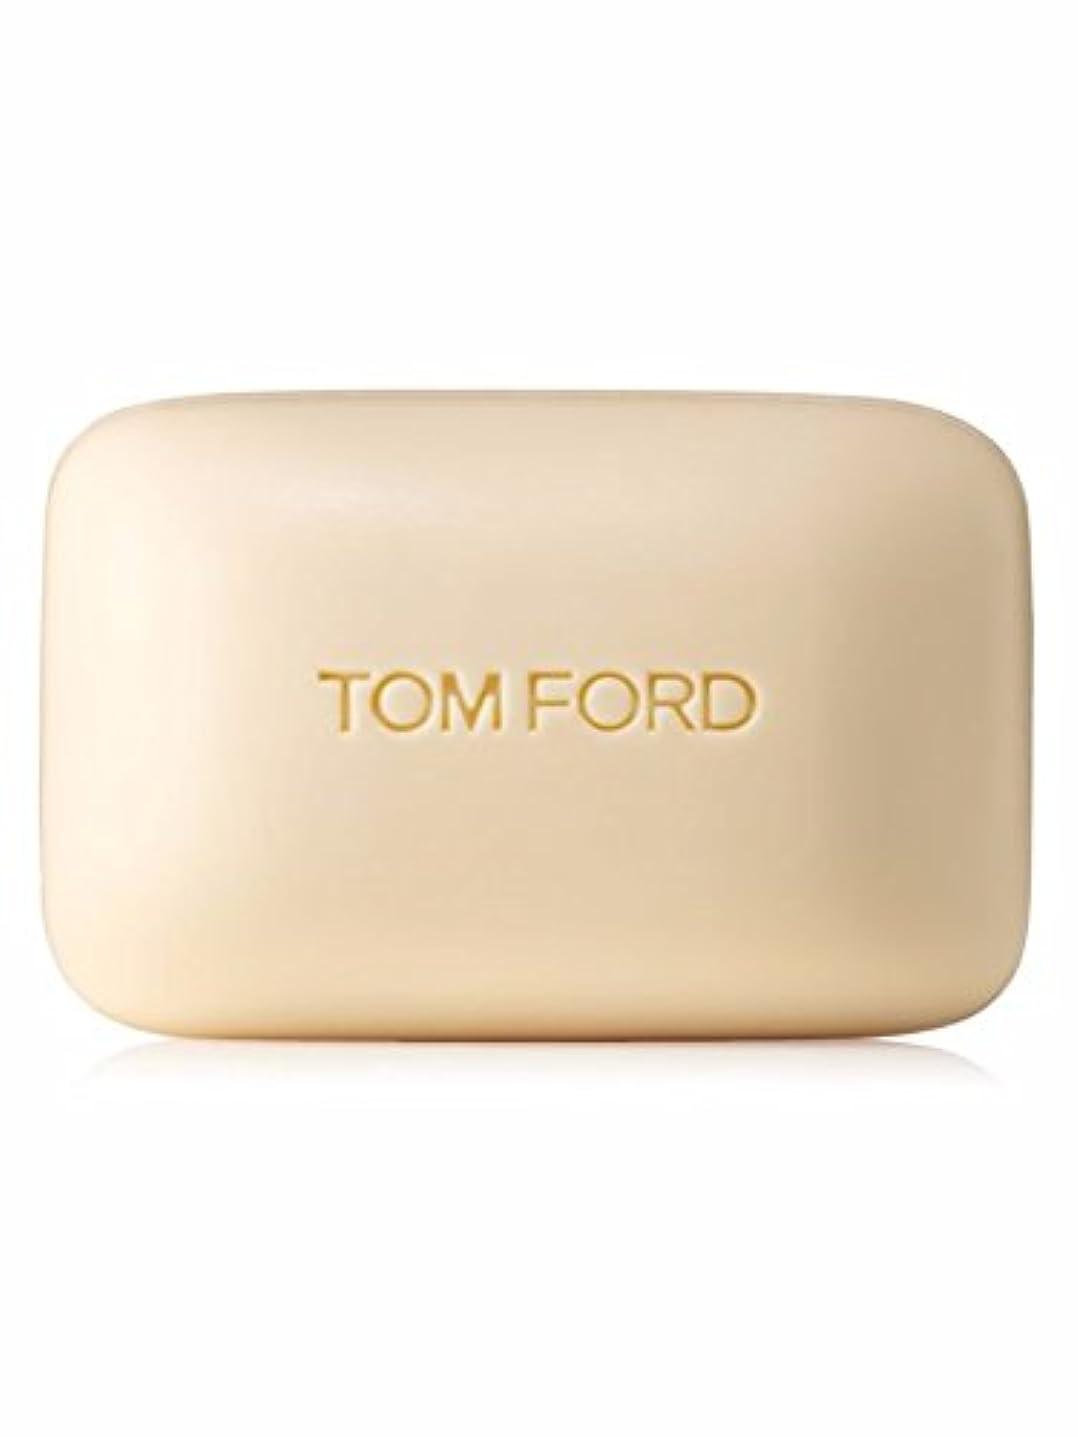 免除するマットレス準備ができてTom Ford Private Blend 'Neroli Portofino' (トムフォード プライベートブレンド ネロリポートフィーノ) 5.5 oz (165ml) Bar Soap (固形石鹸)